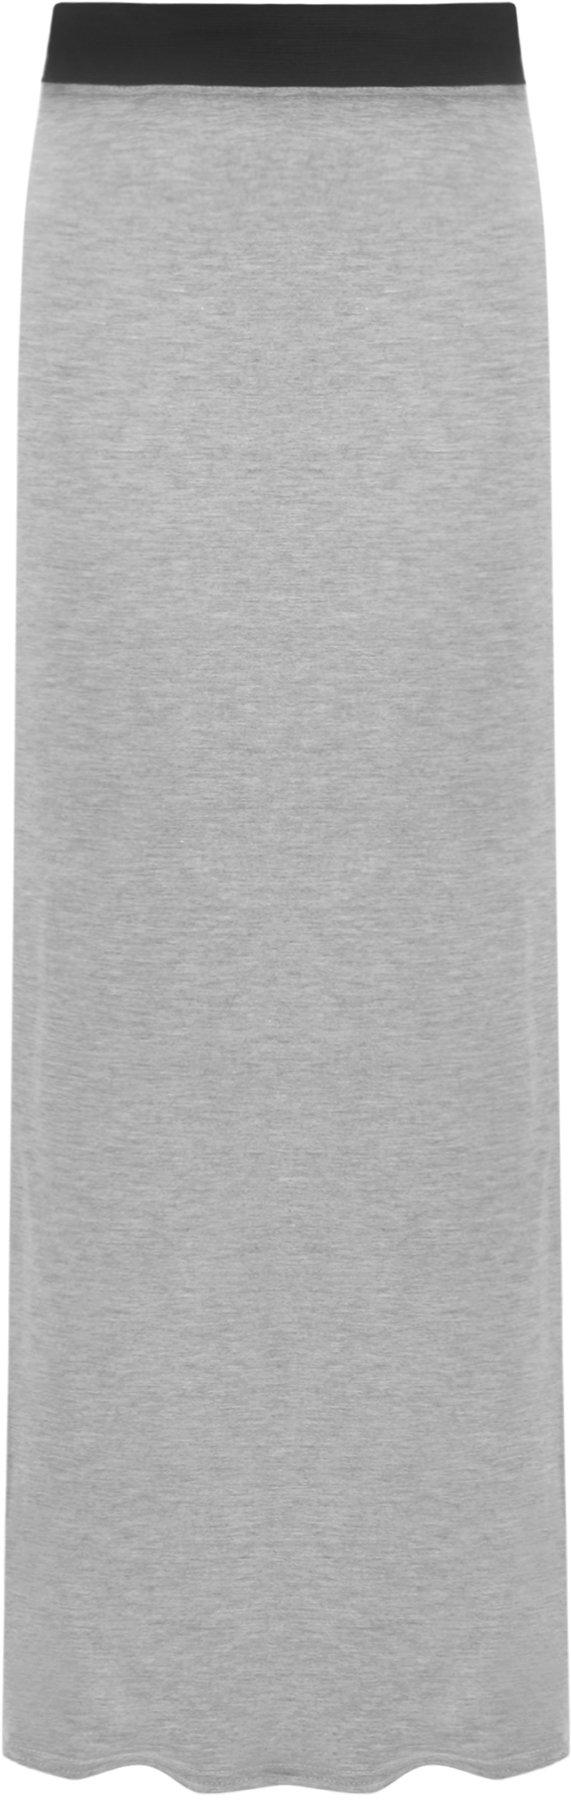 WearAll Women's Long Maxi Skirt - Light Gray - US 8-10 (UK 12-14)